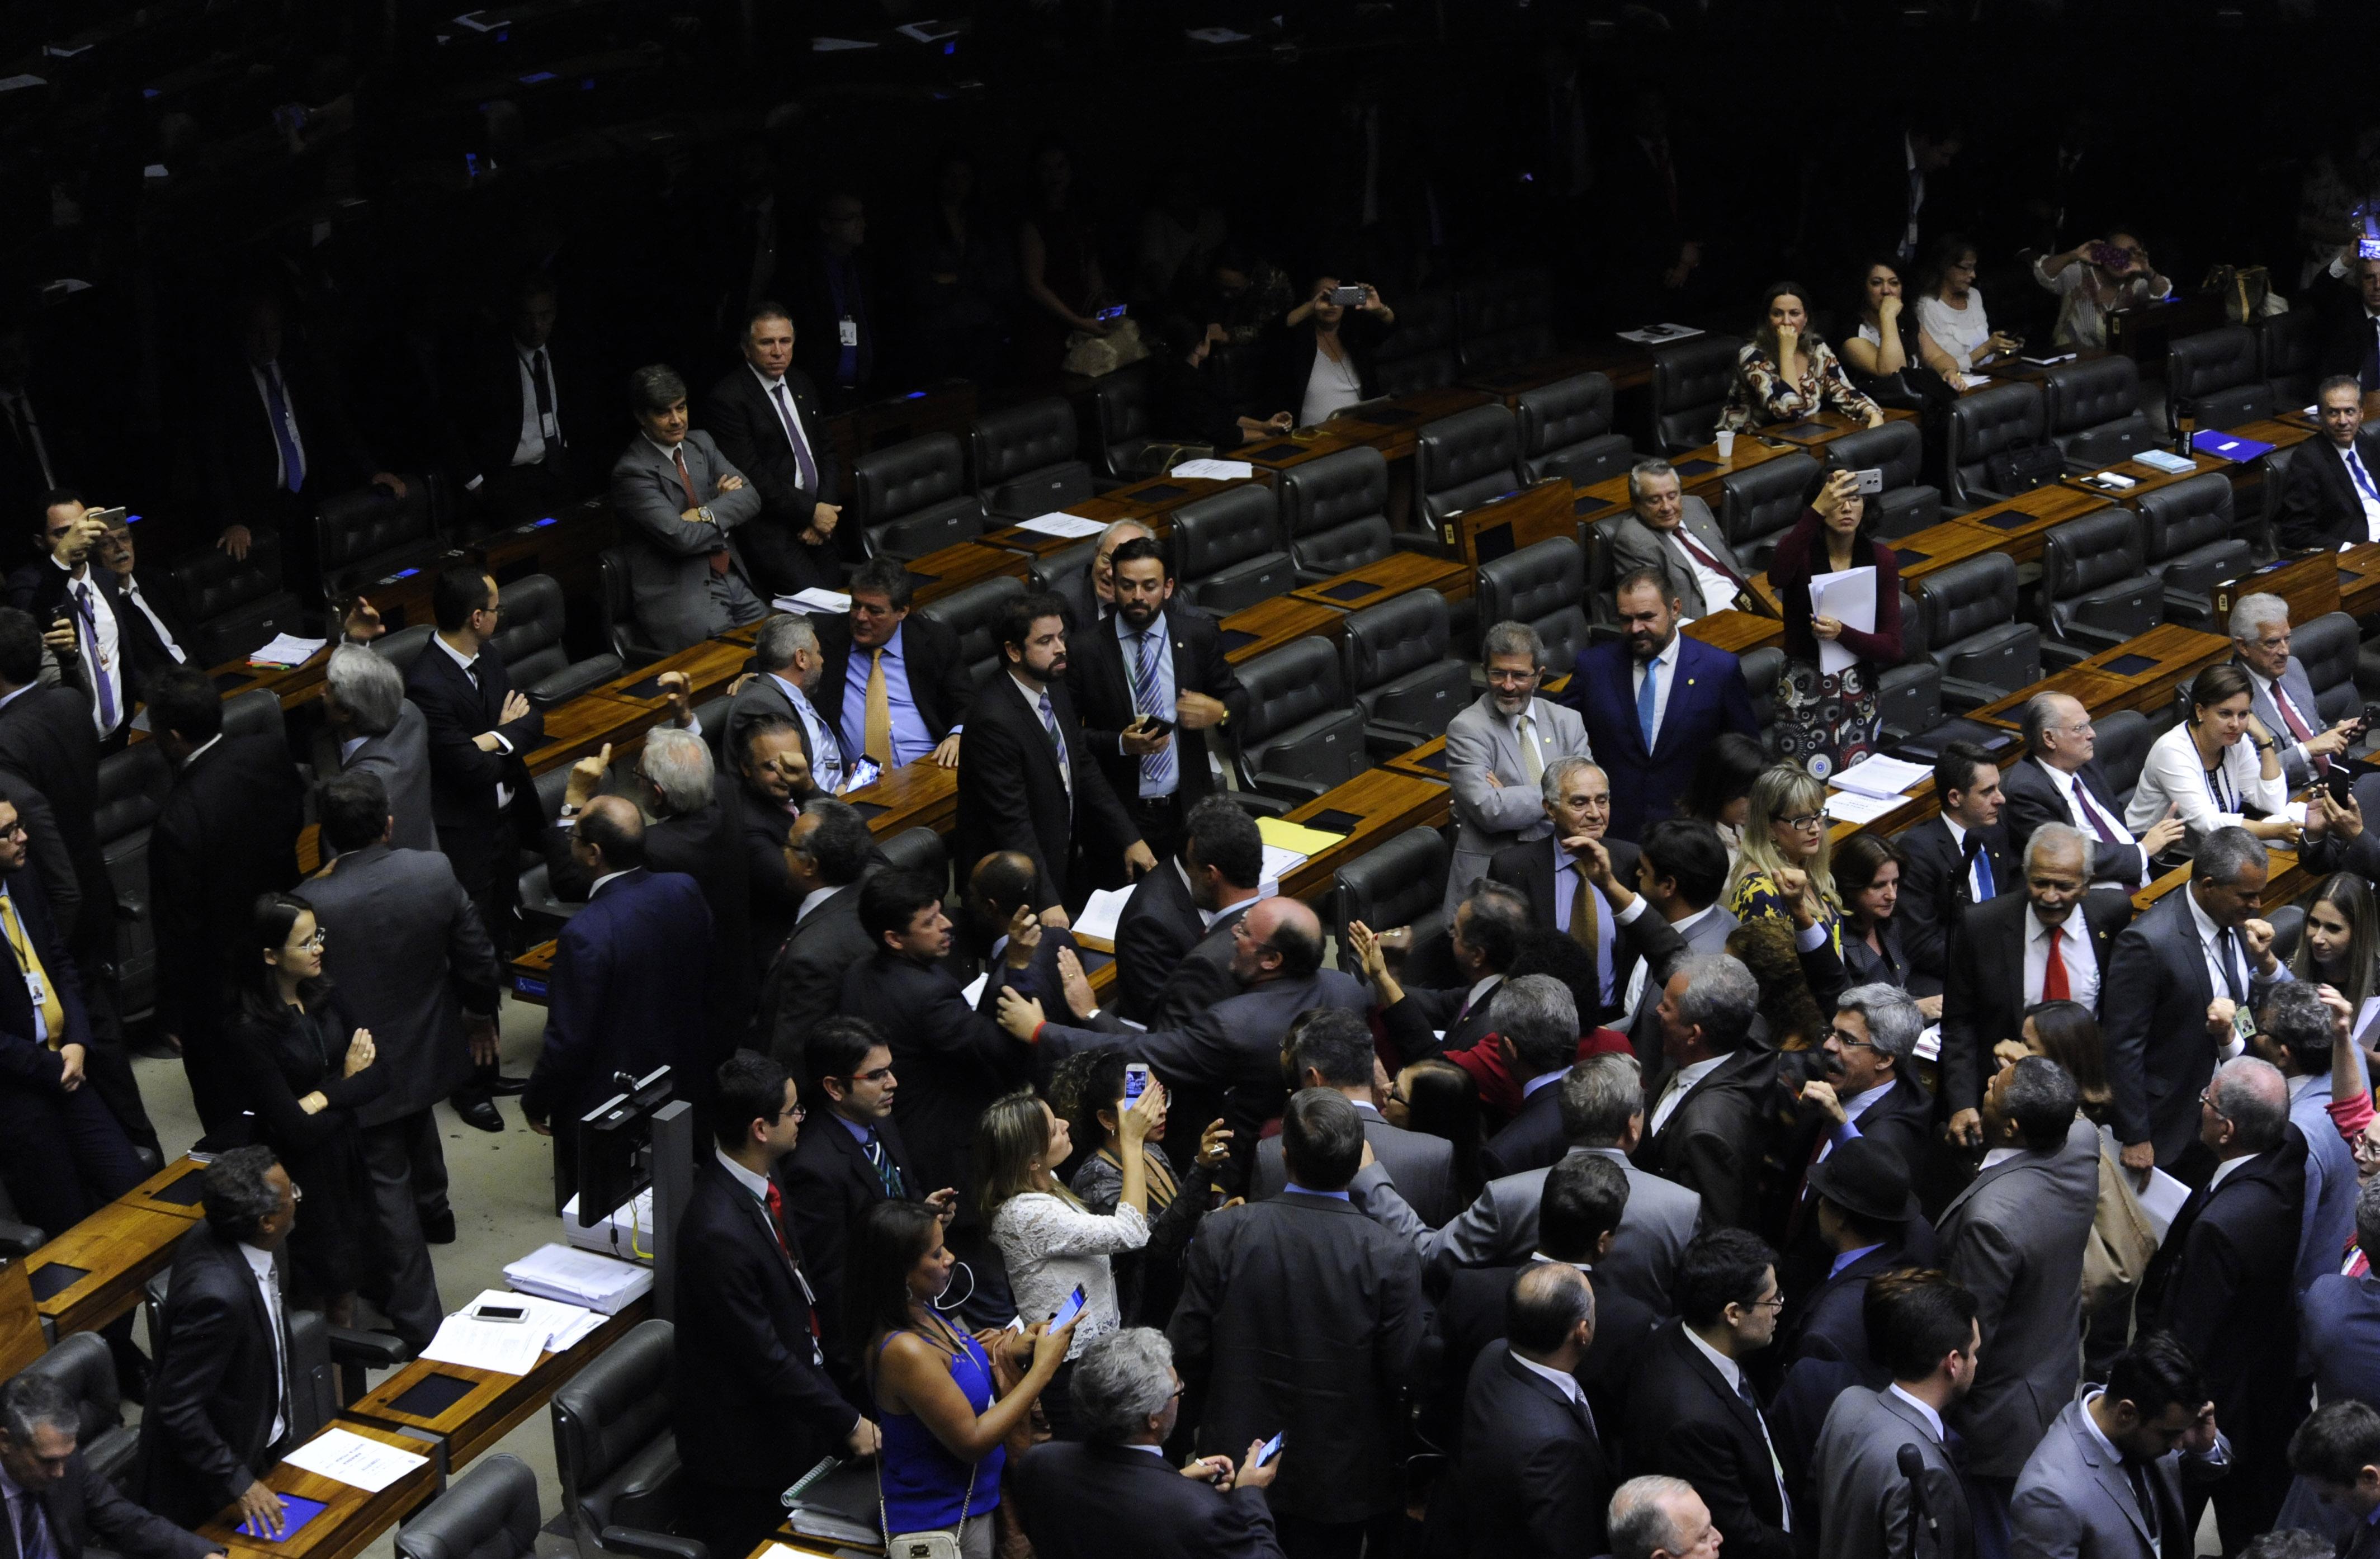 Oposição vai acompanhar sessão, mas sem registrar presença